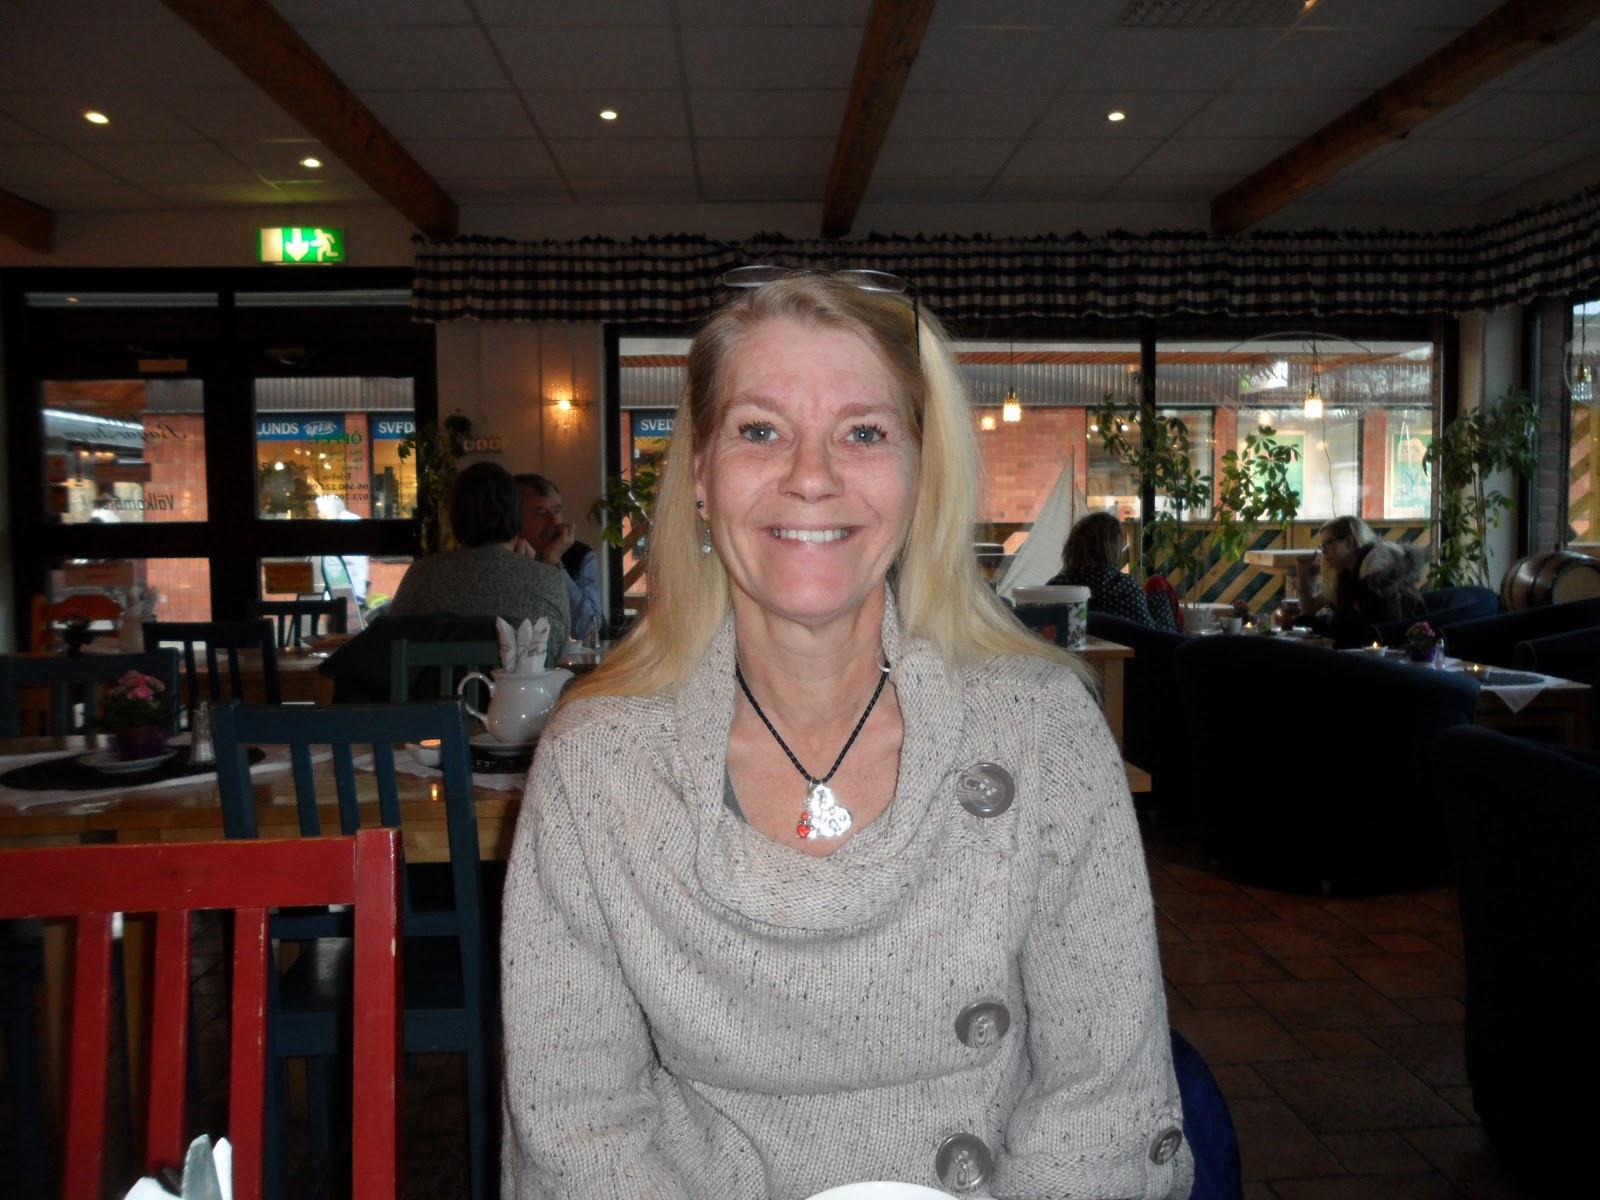 shemale in stockholm gratis  äldre kvinnor